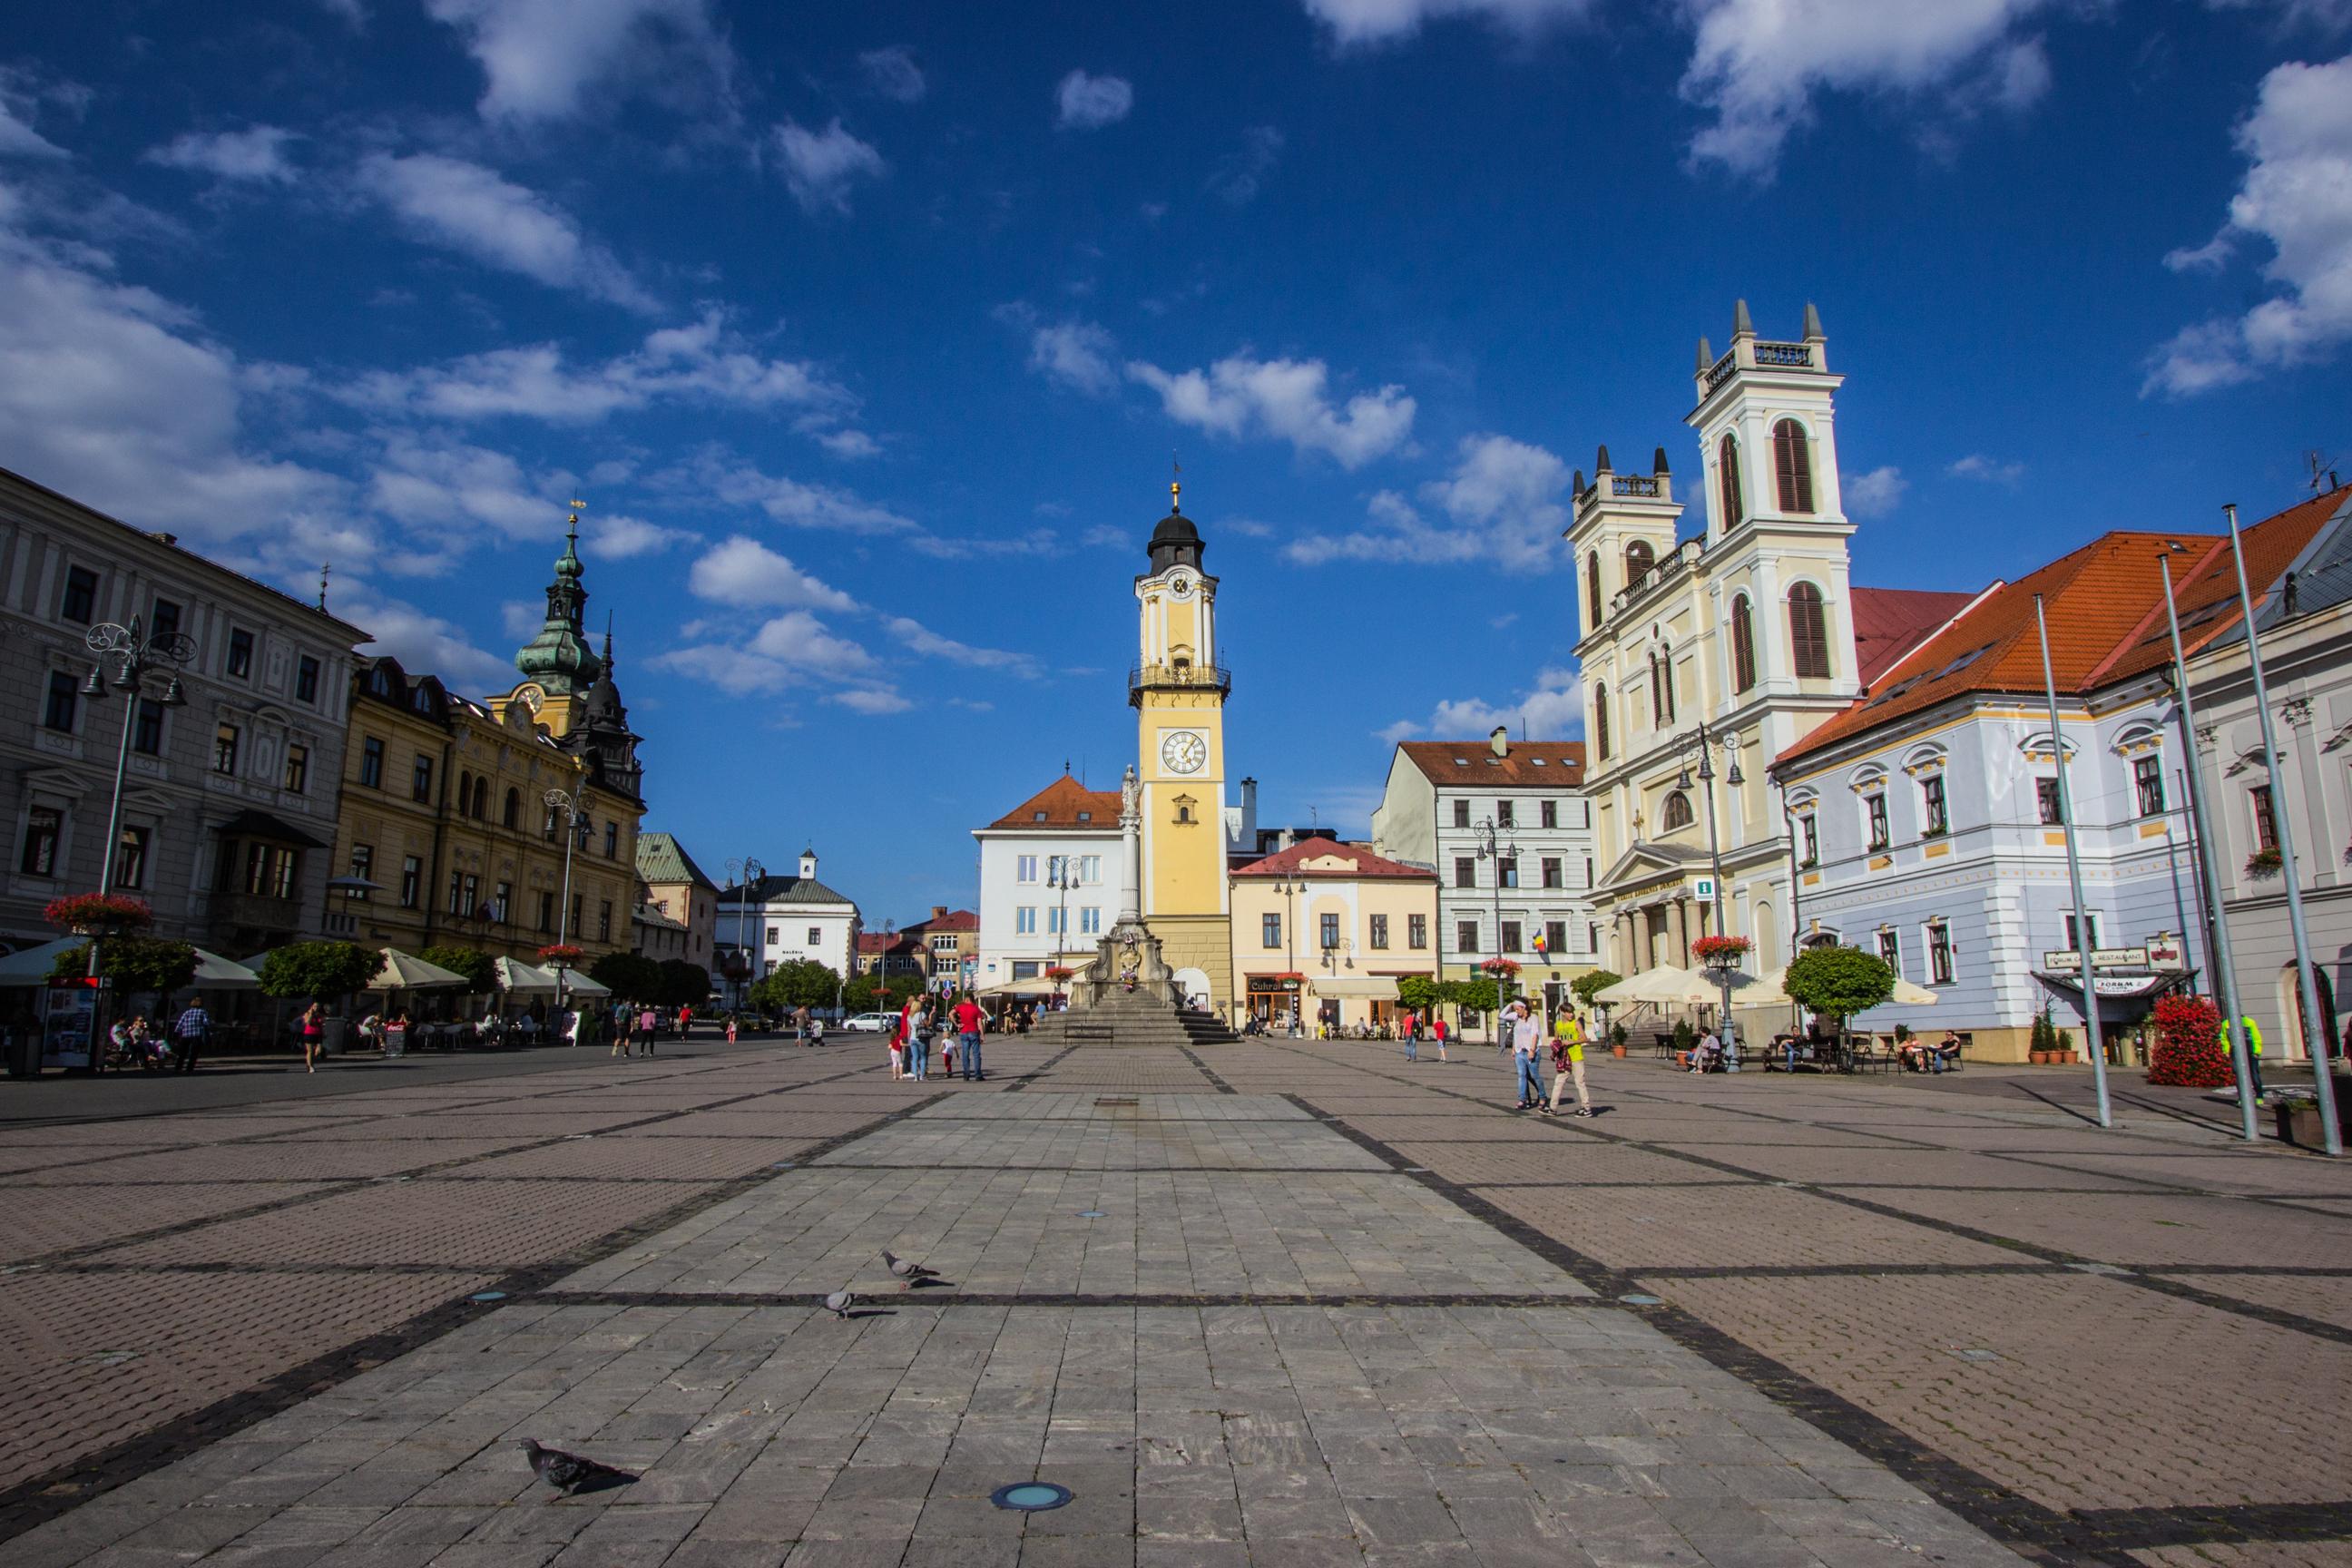 Górna część Placu Słowackiego Powstania Narodowego. W centrum wieża zegarowa, po prawej Katedra św. Franciszka Ksawerego w Bańskiej Bystrzycy.